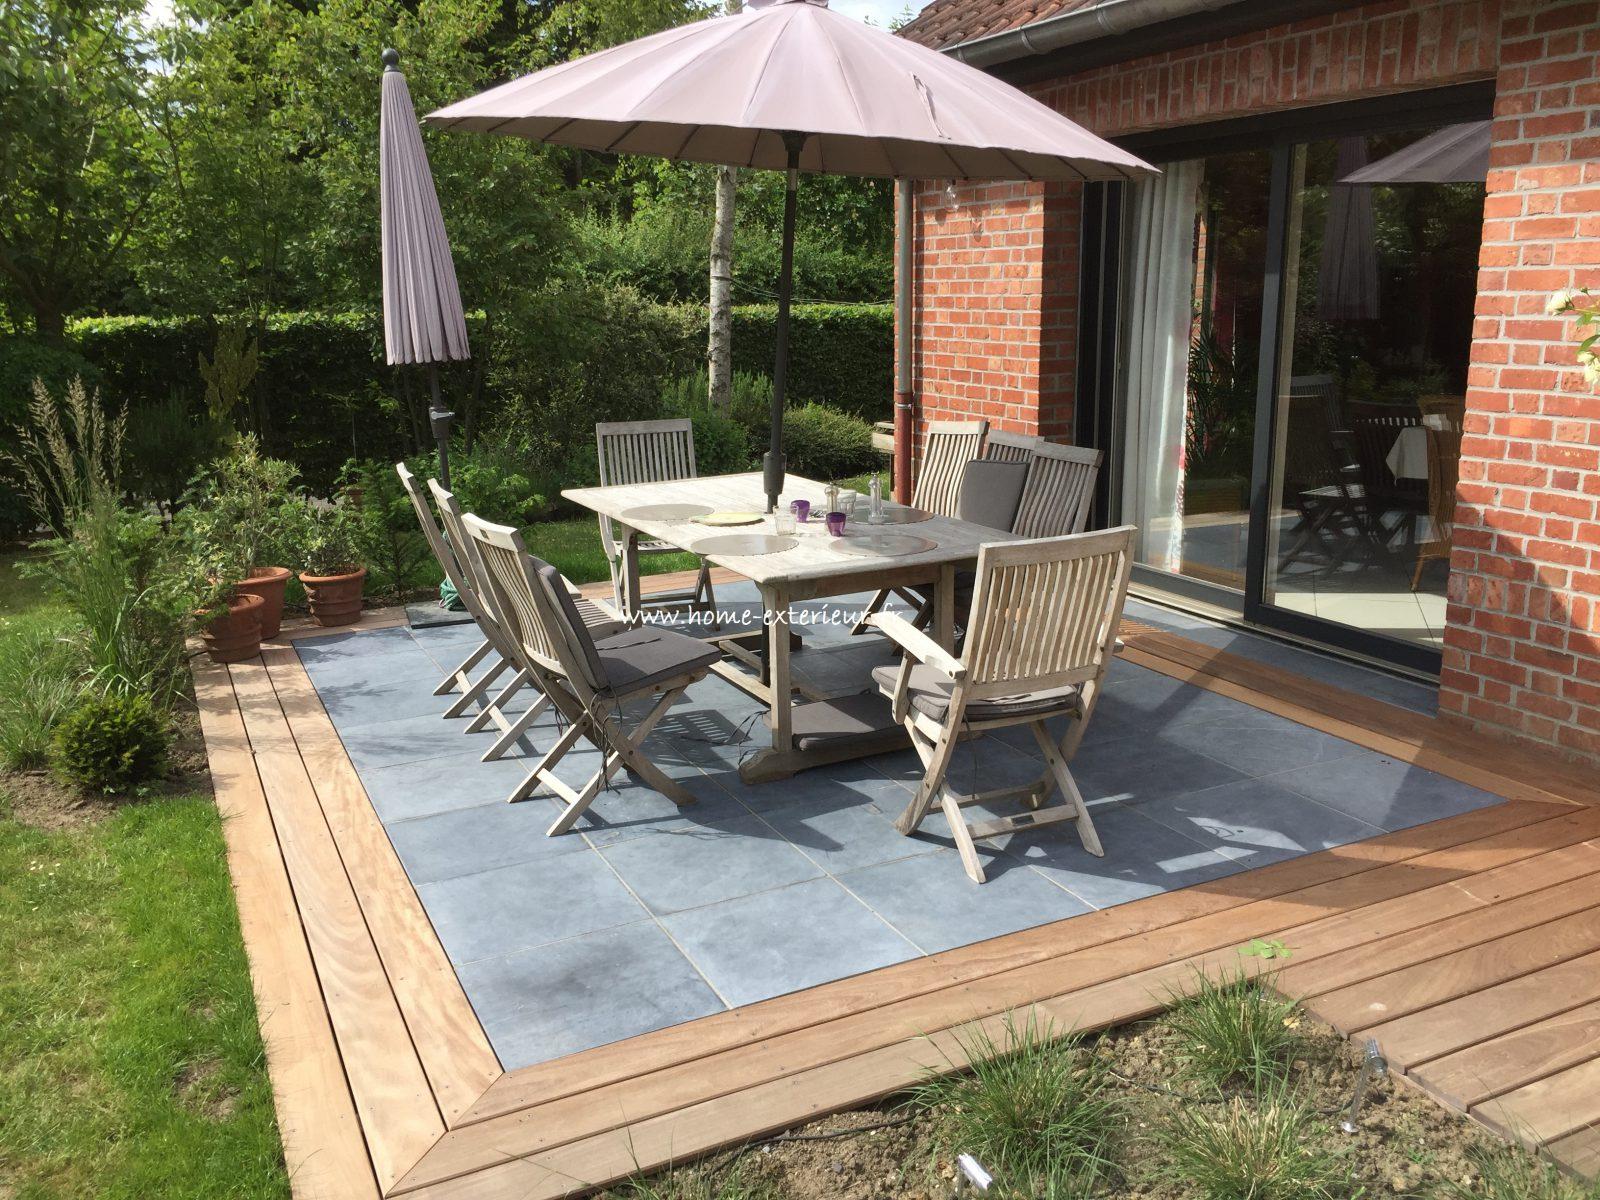 Architecte Paysagiste Terrasses Jardins - Nord - Lille - Le ... tout Amenagement De Terrasse Exterieure